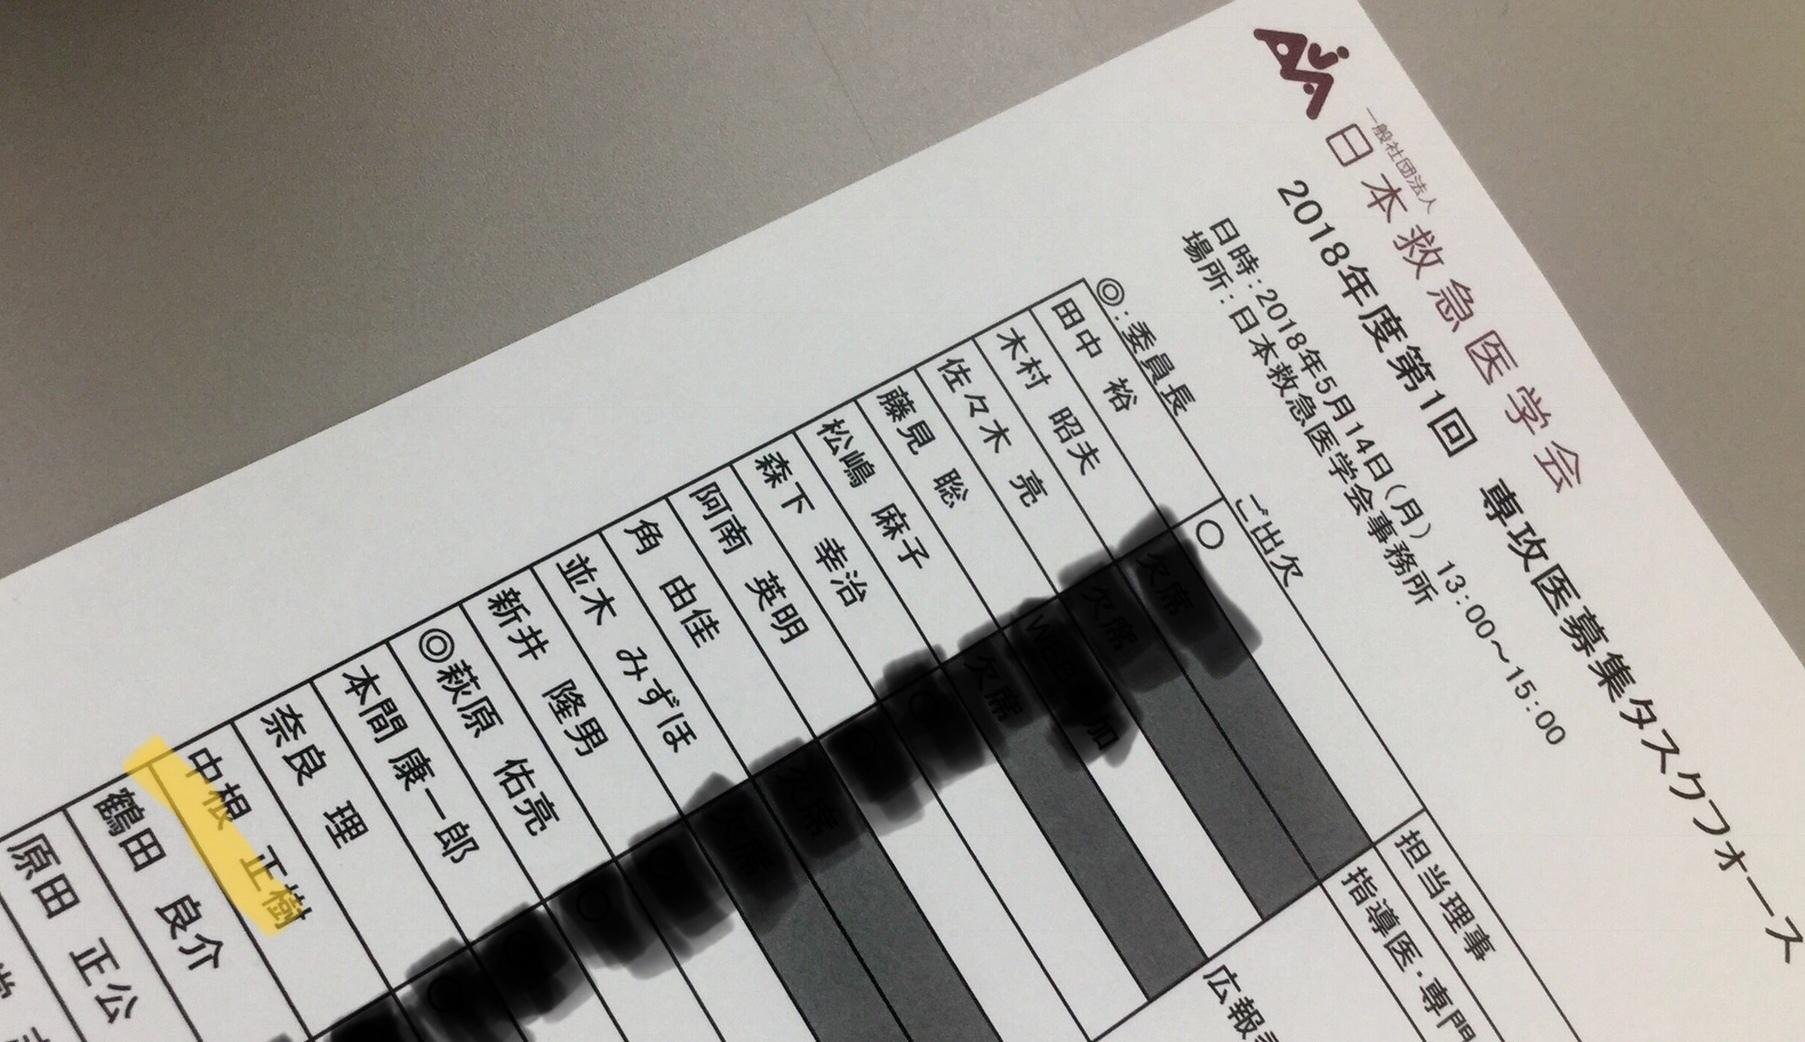 救急医学会専攻医募集タスクフォースメンバー20180514